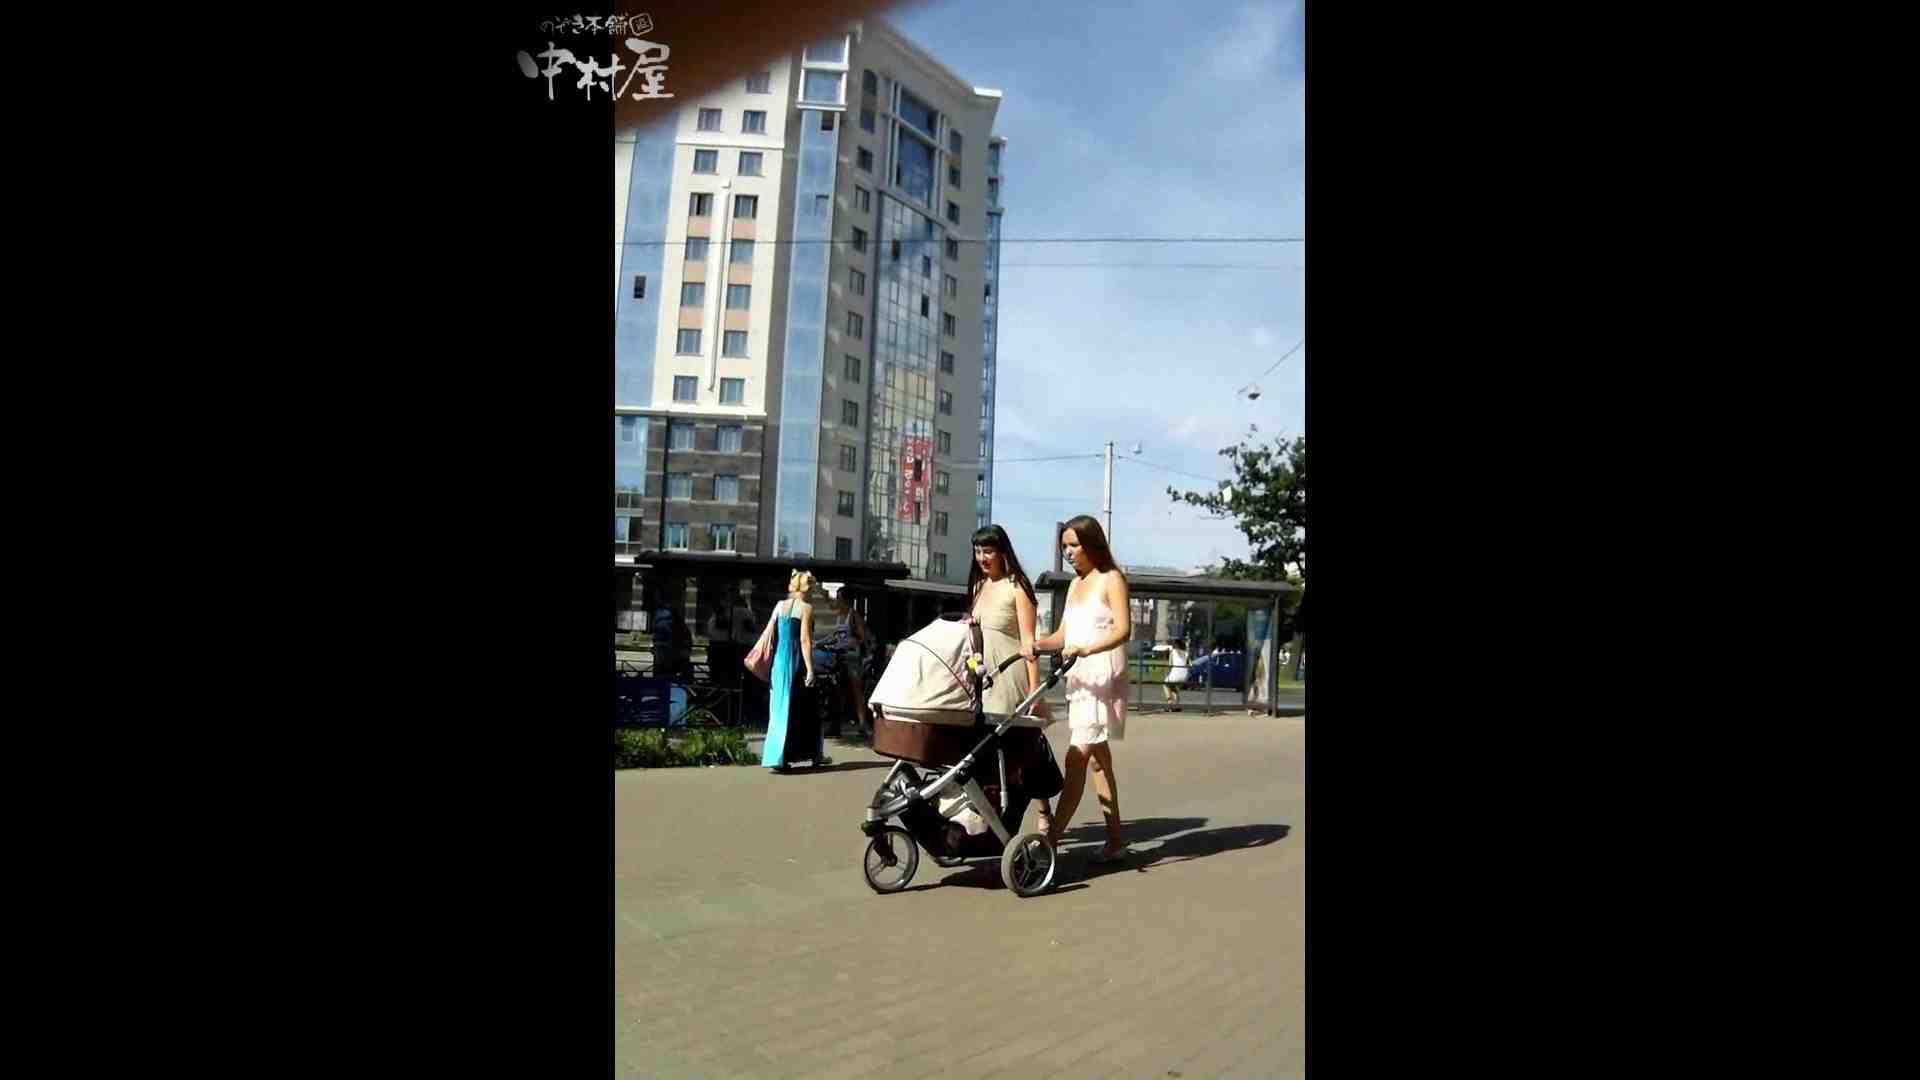 綺麗なモデルさんのスカート捲っちゃおう‼ vol26 お姉さんのエロ動画   0  77PIX 13